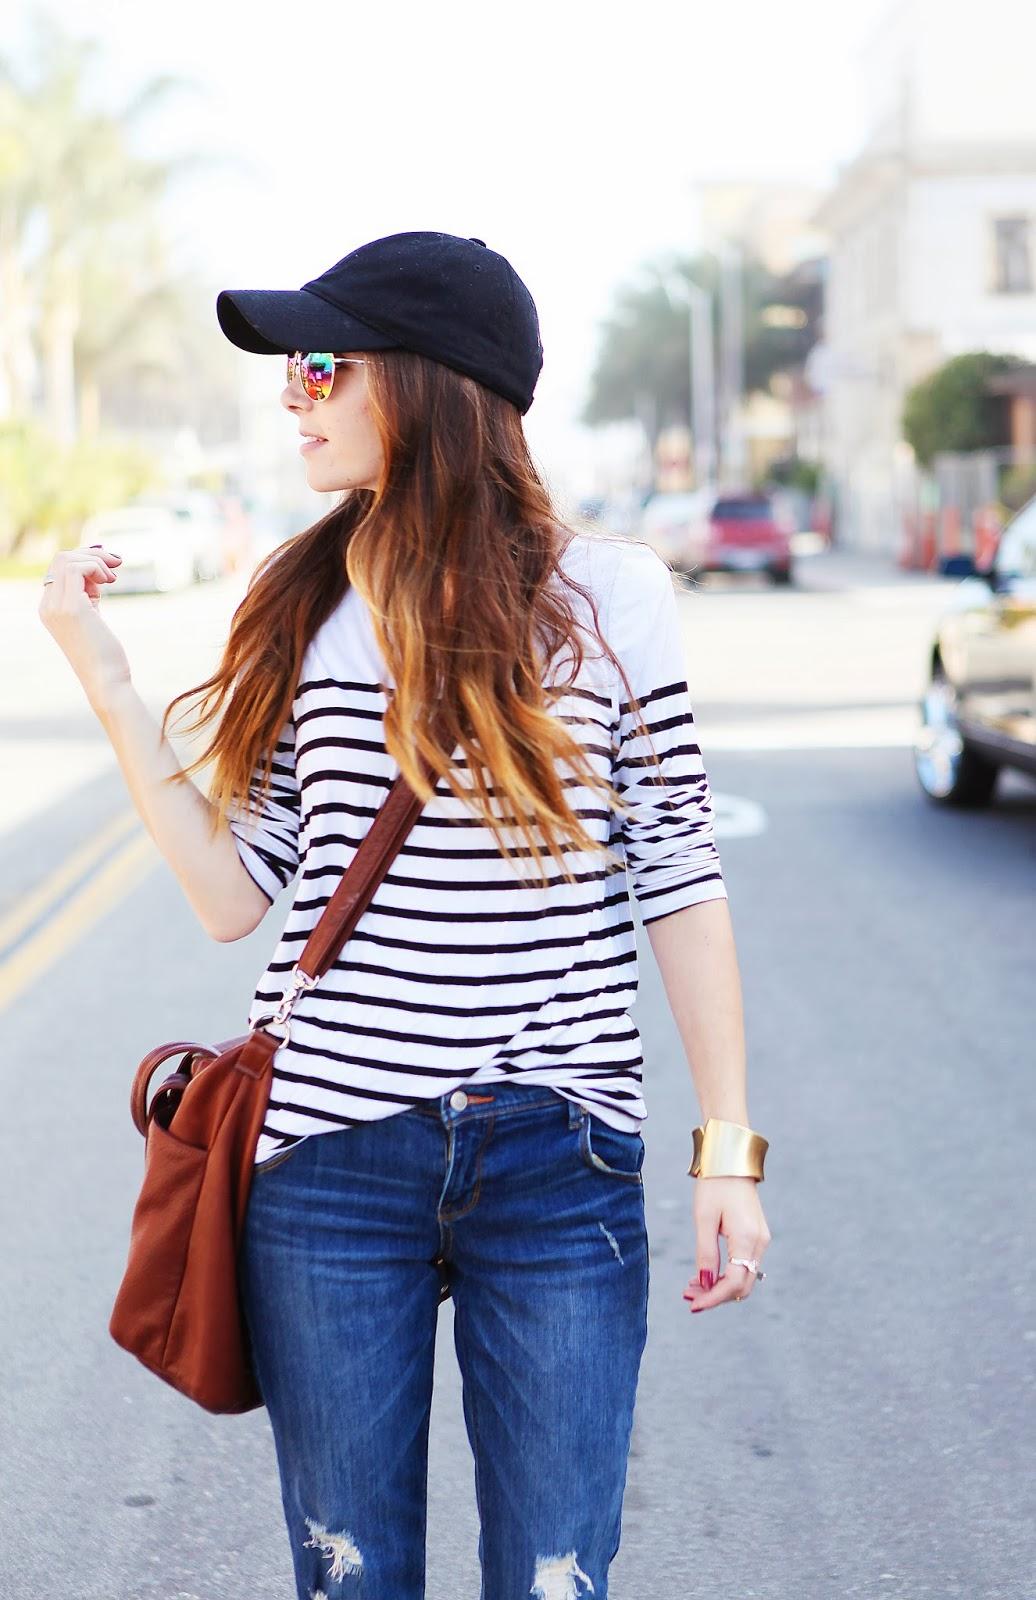 comment-porter-un-chapeau-casquette-femme